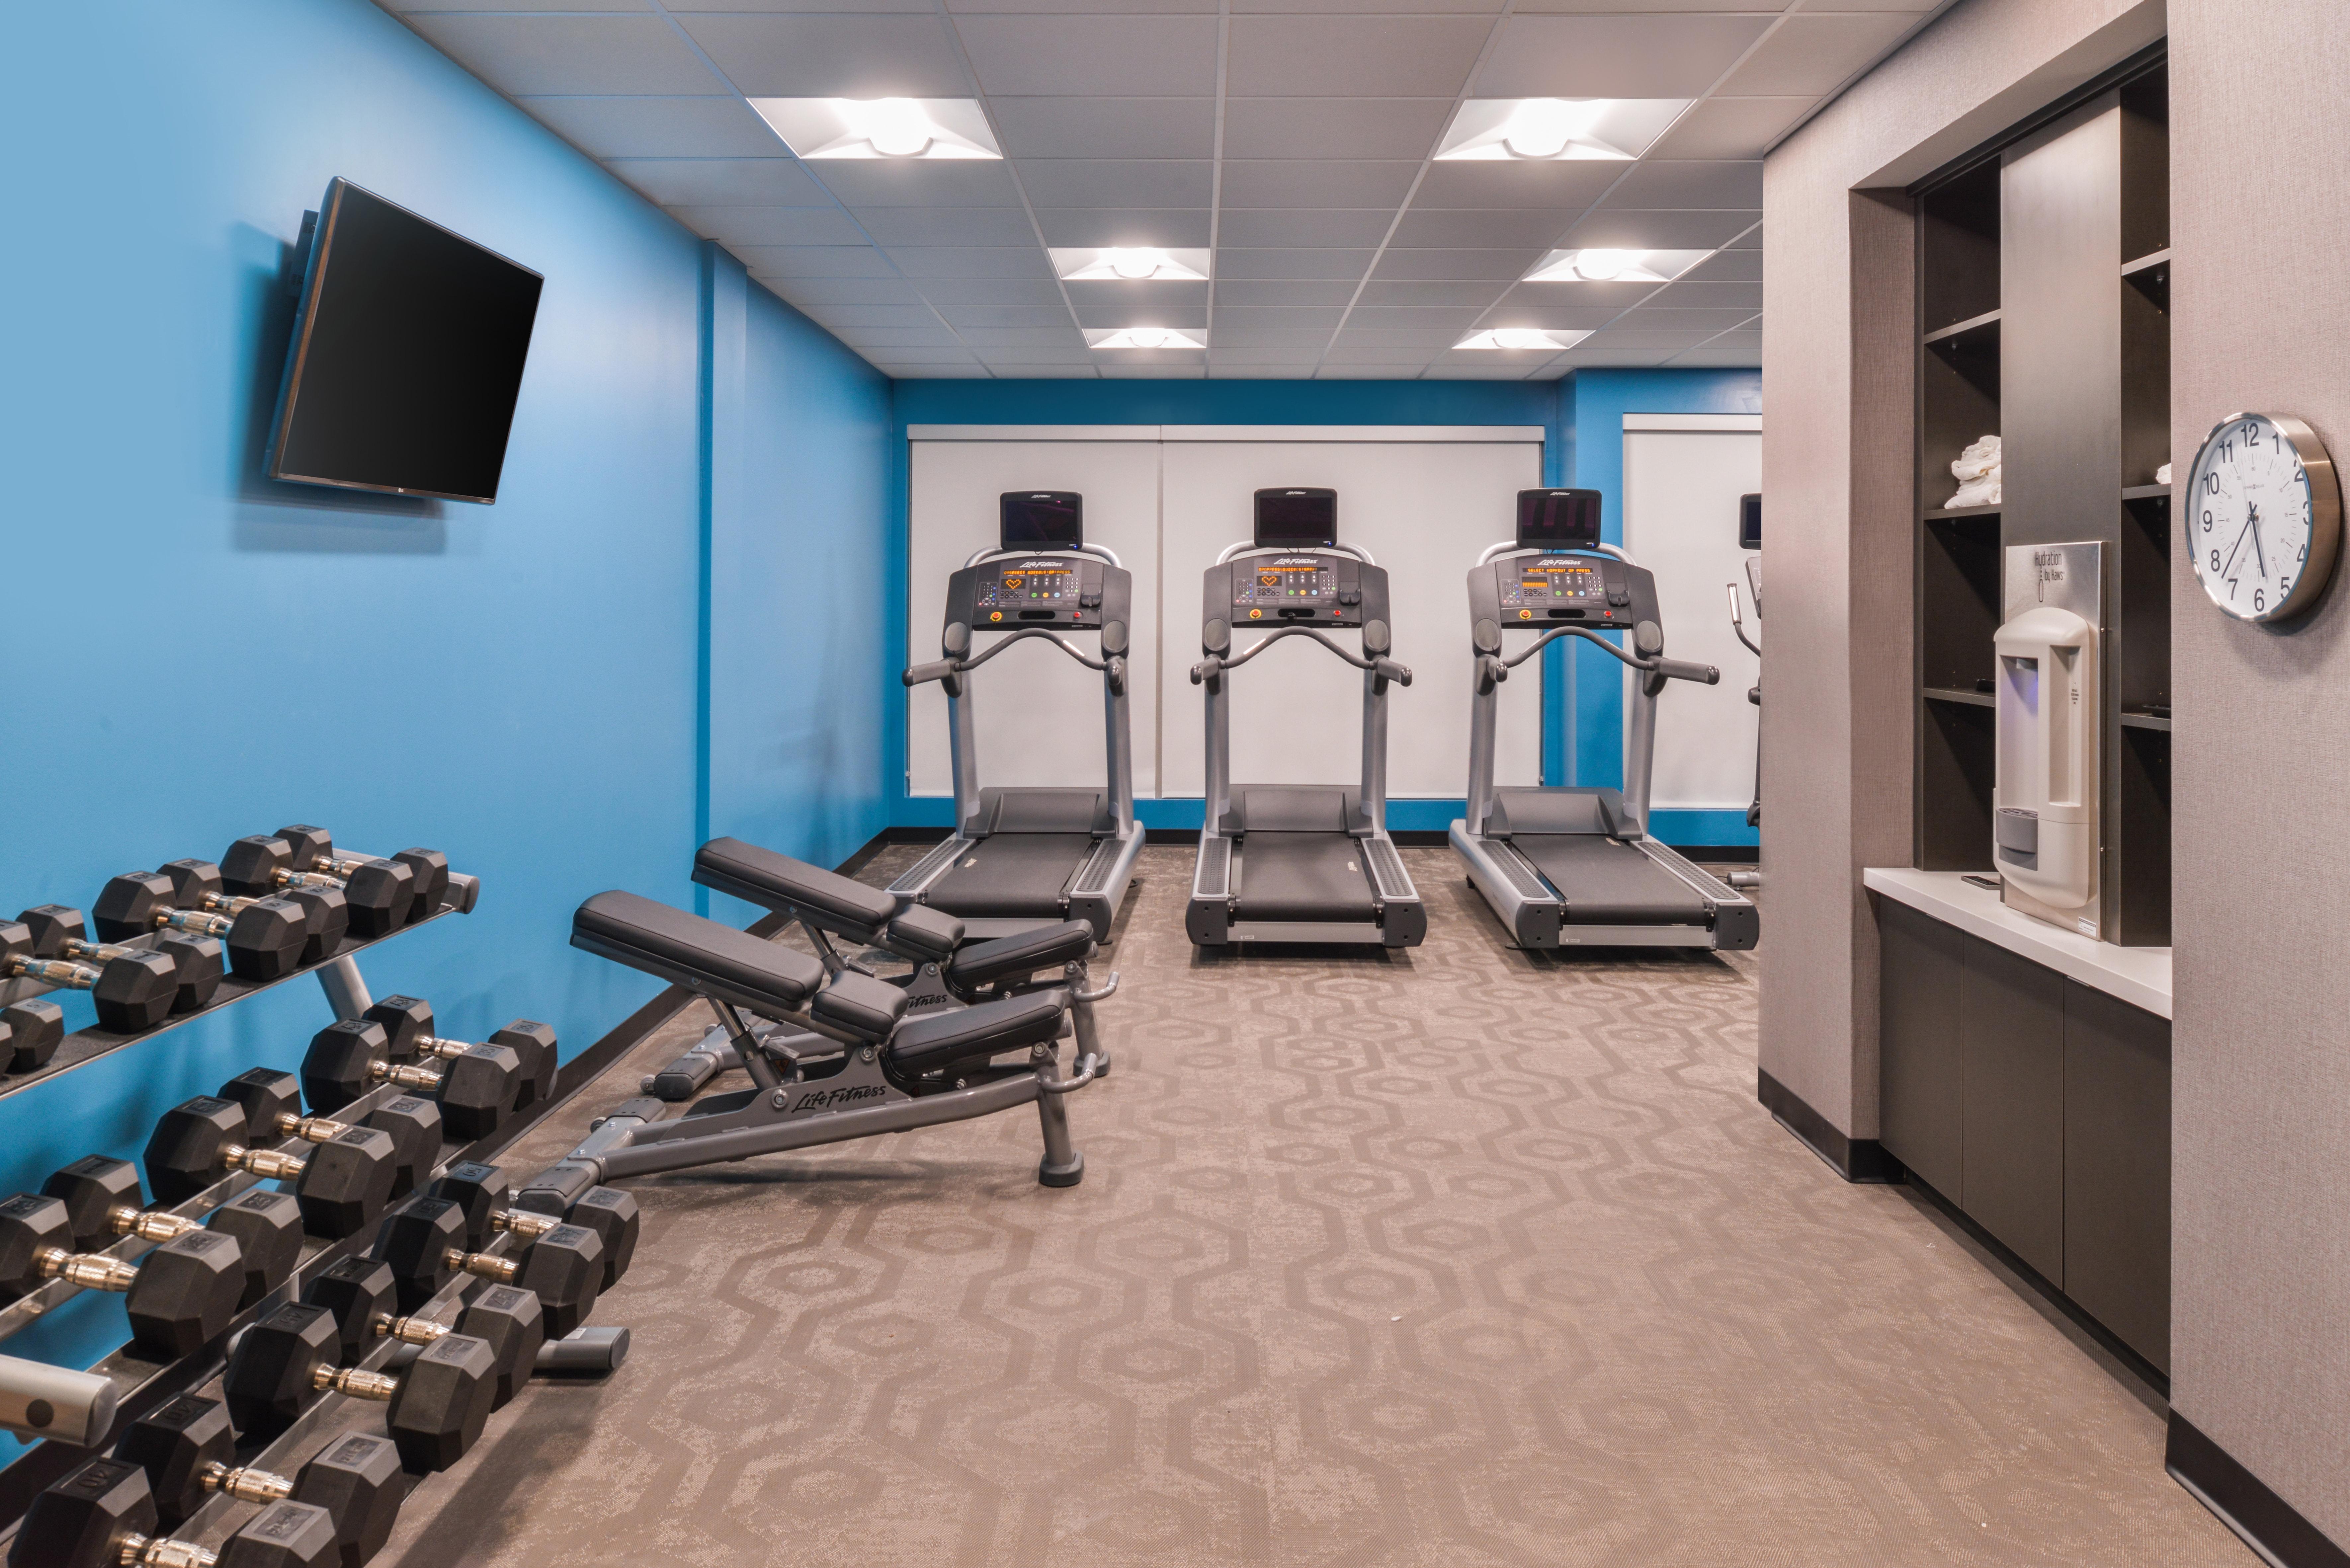 https://www.hotelsbyday.com/_data/default-hotel_image/3/16083/fis-cidco-fitnesscen-lvlpr.jpg